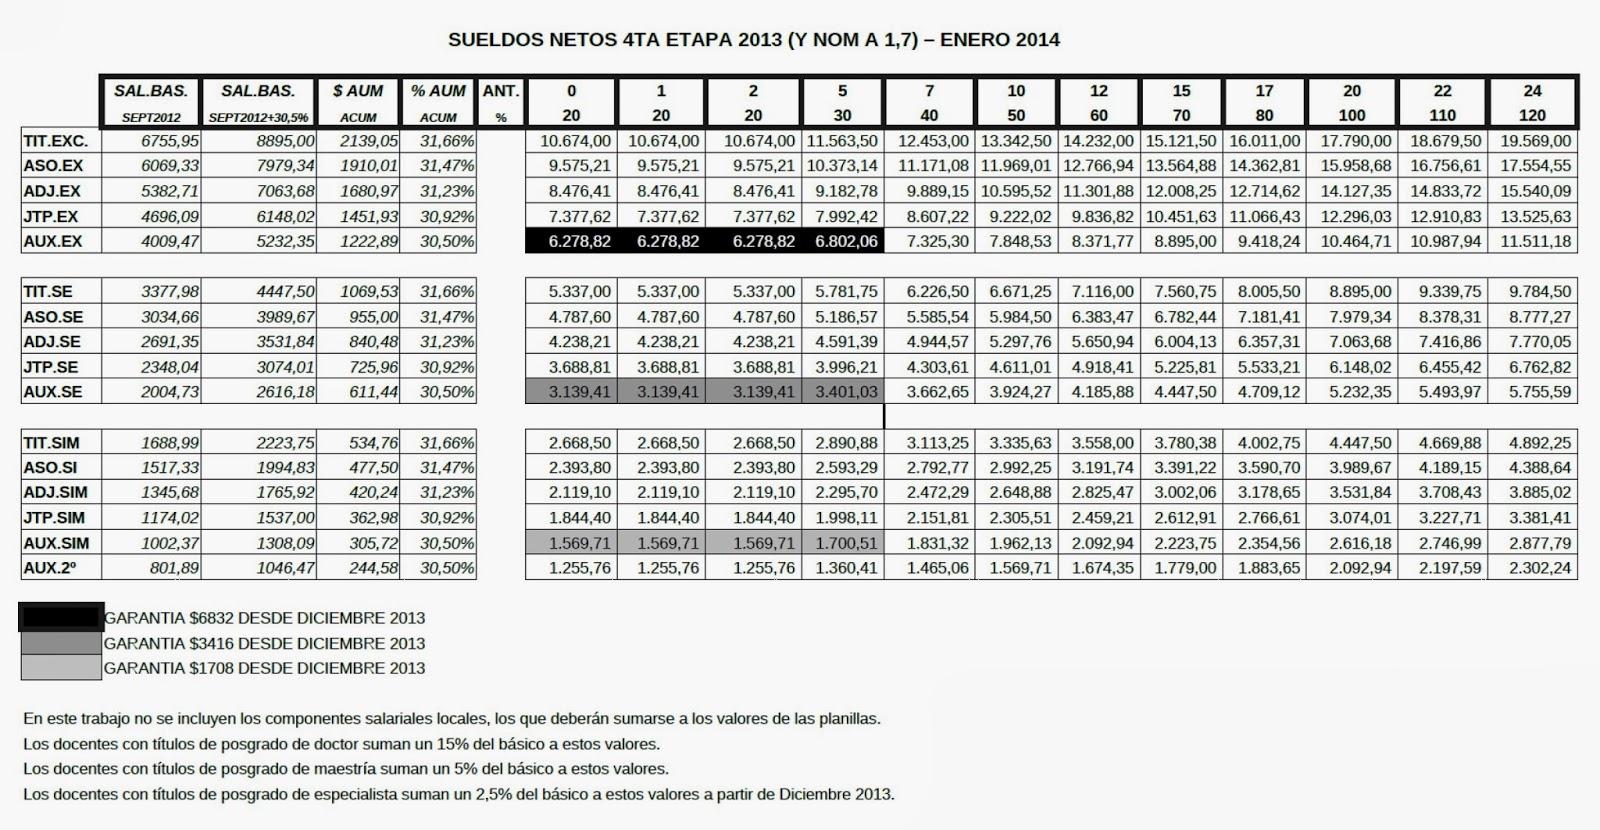 Salarial Jubilados Docentes Bonaerenses 2013   apexwallpapers